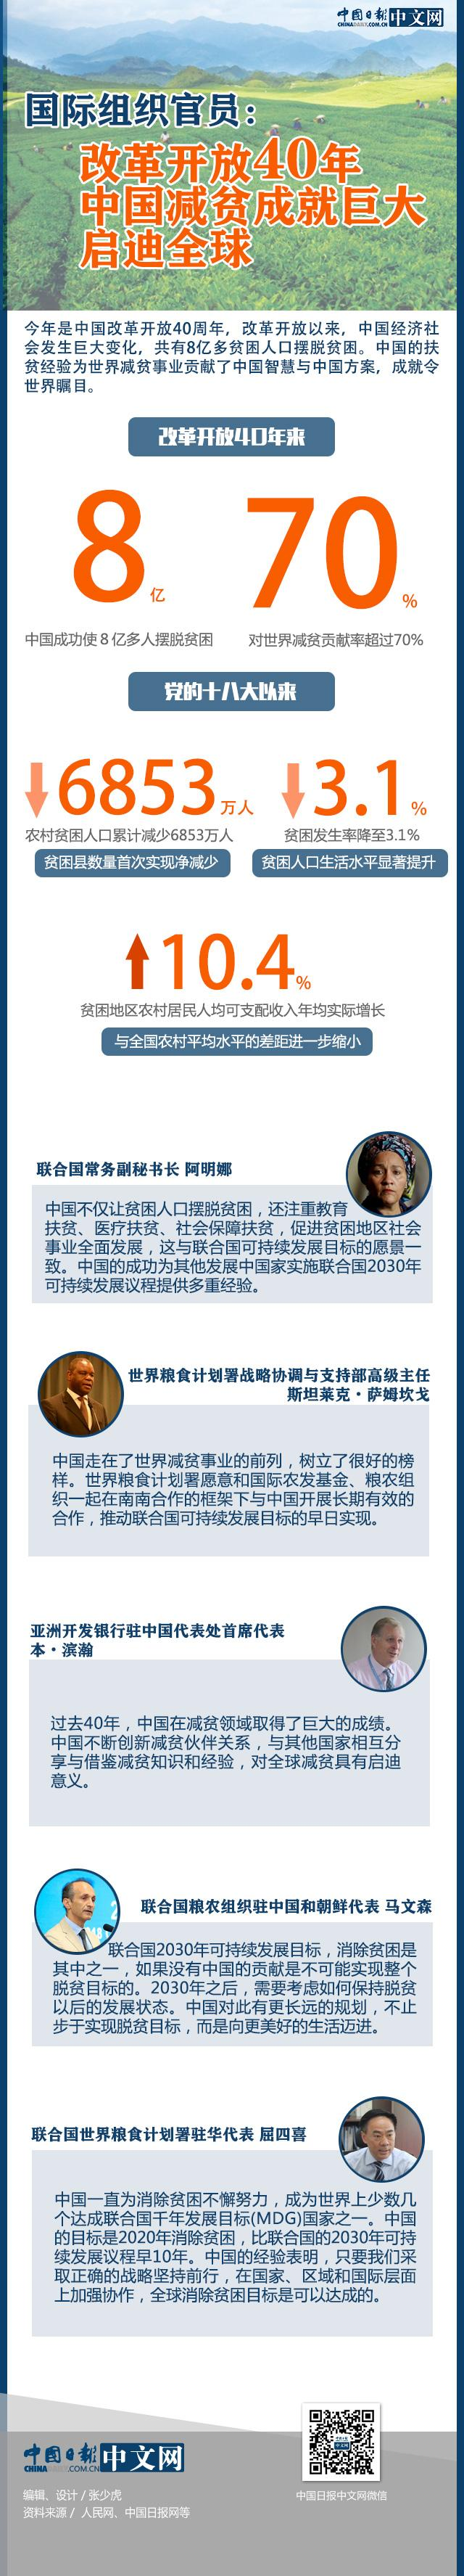 国际组织官员:改革开放40年中国减贫成就巨大 启迪全球